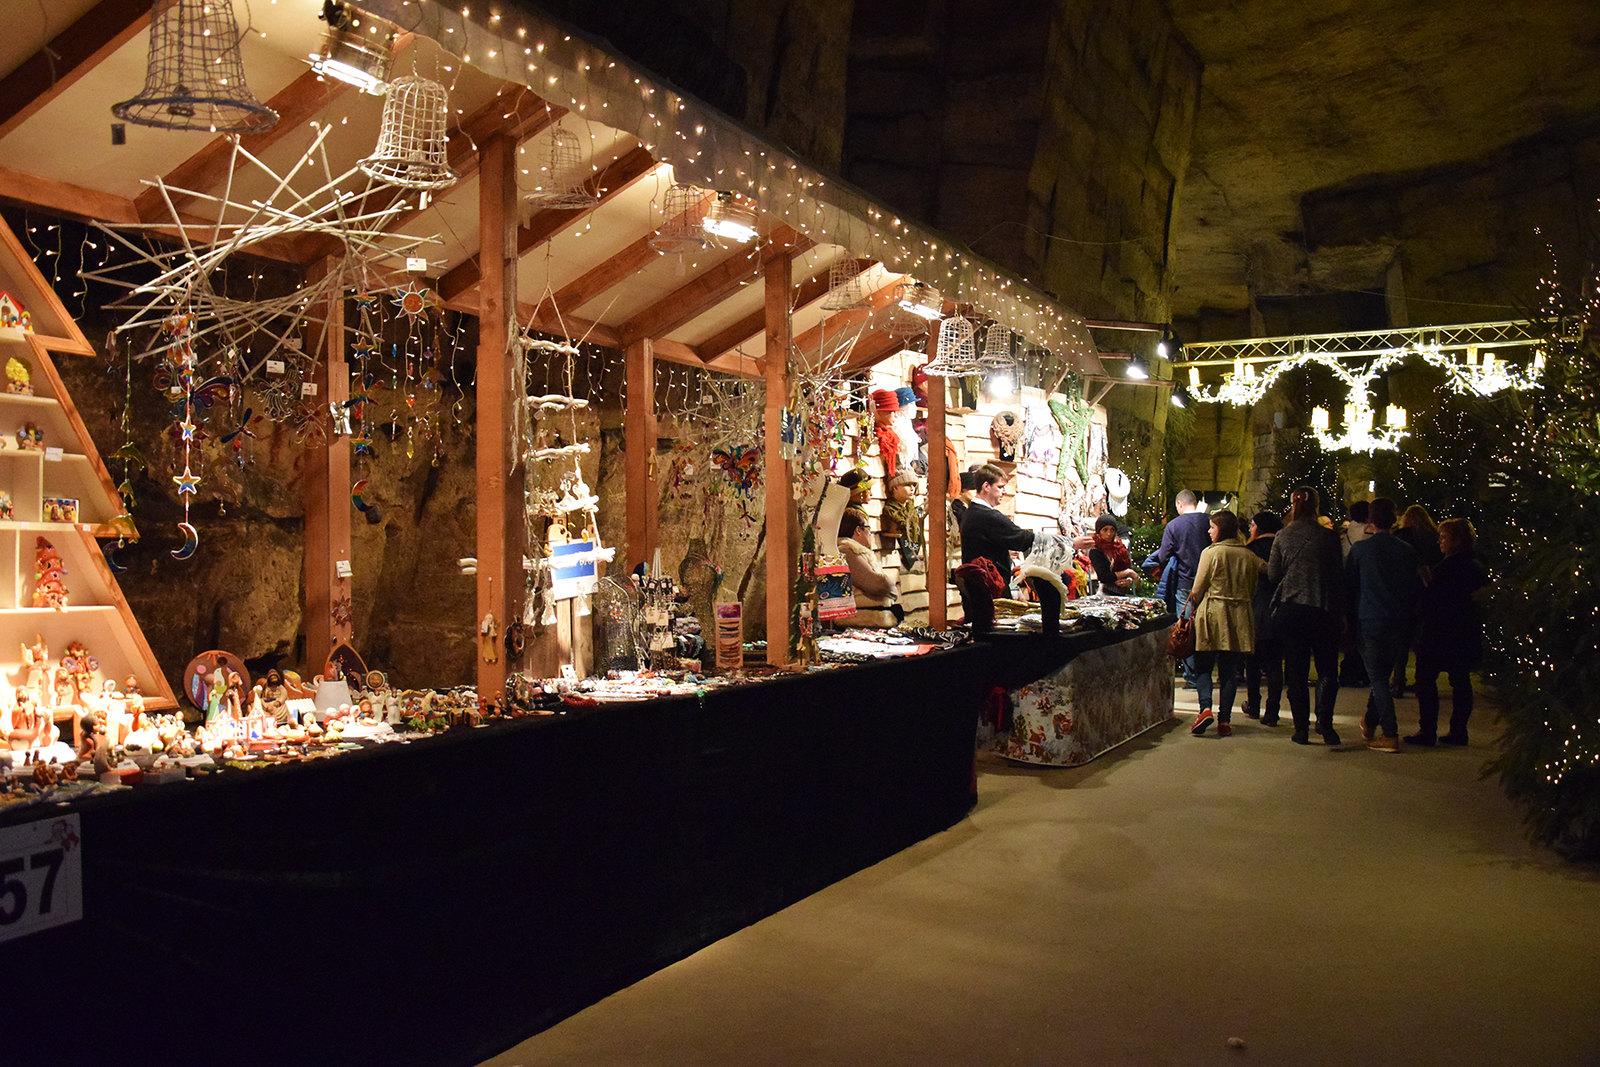 Valkenburg's market